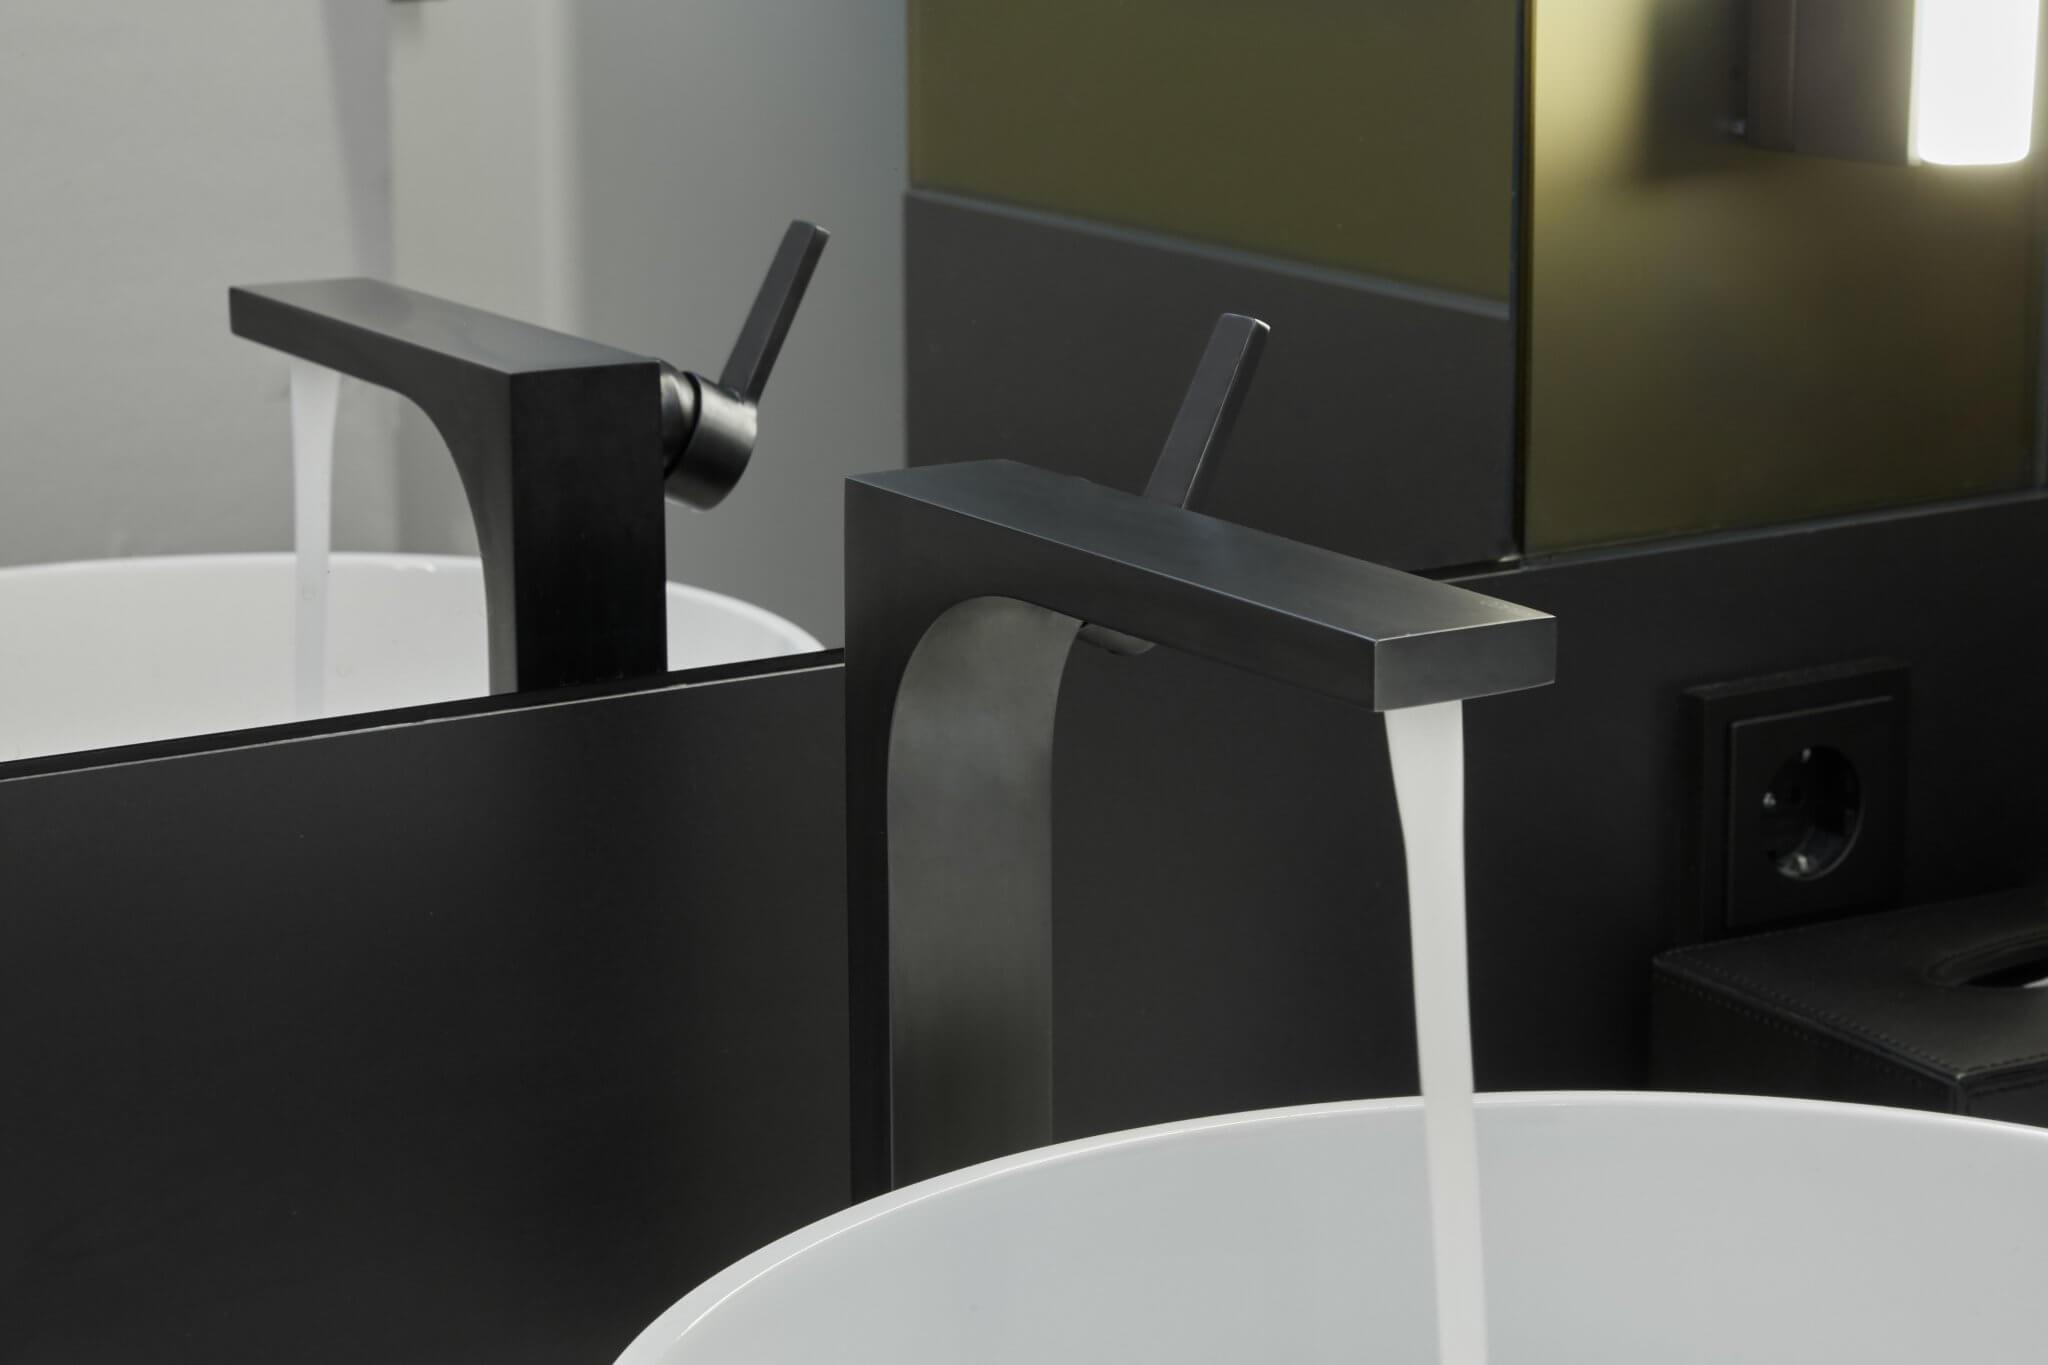 Schwarze eloxierte Waschtischarmatur mit Wasserlauf - Nahaufnahme